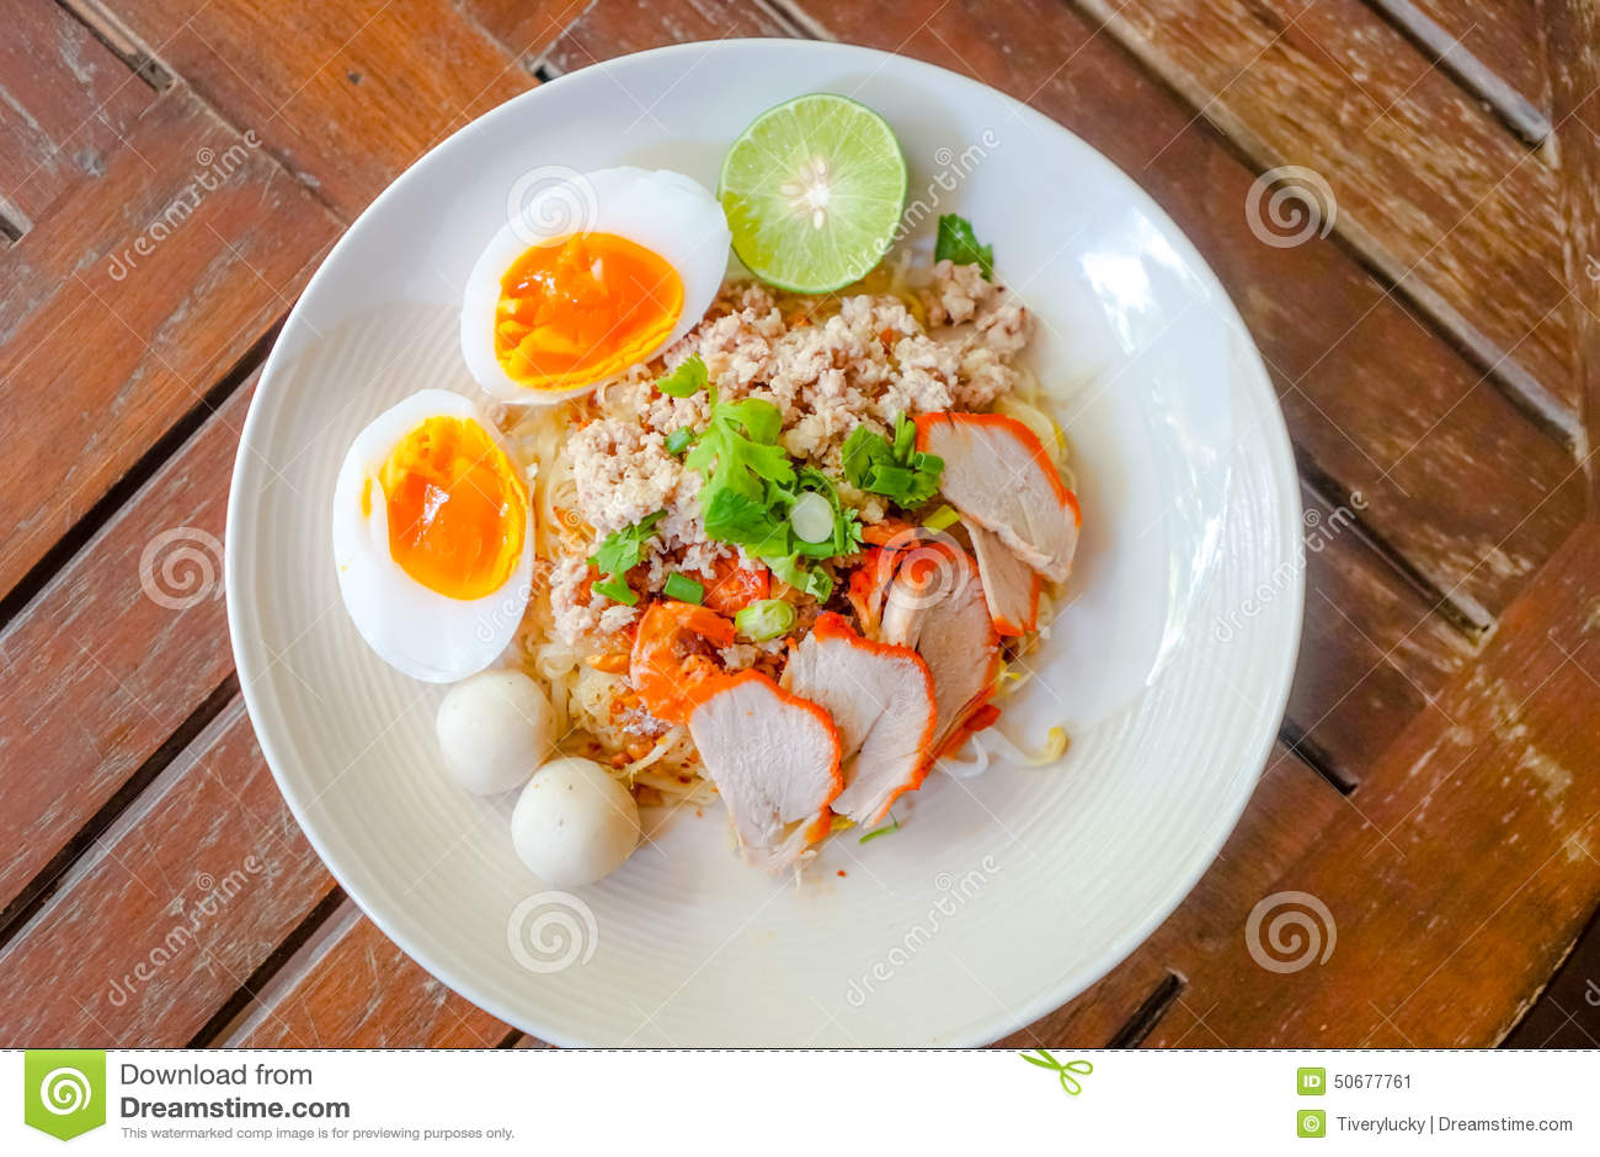 Download 红色猪肉面条 库存图片. 图片 包括有 汉语, 健康, 现场, 东方, 意大利面食, 聚会所, 烹调, 油煎 - 50677761